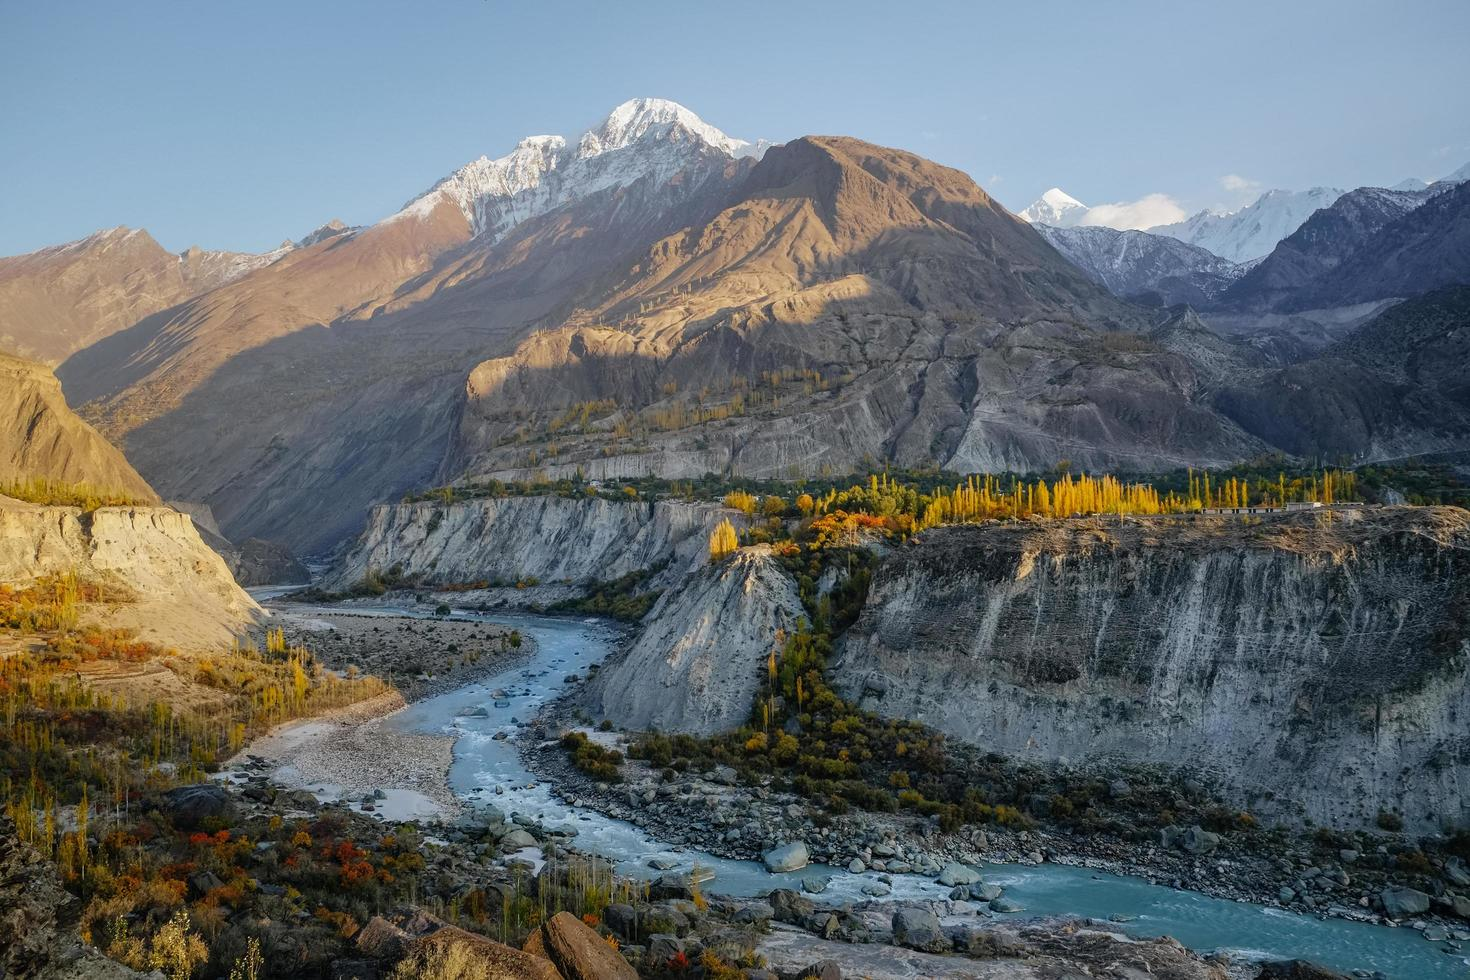 río sinuoso que fluye a través de la cordillera de karakoram foto